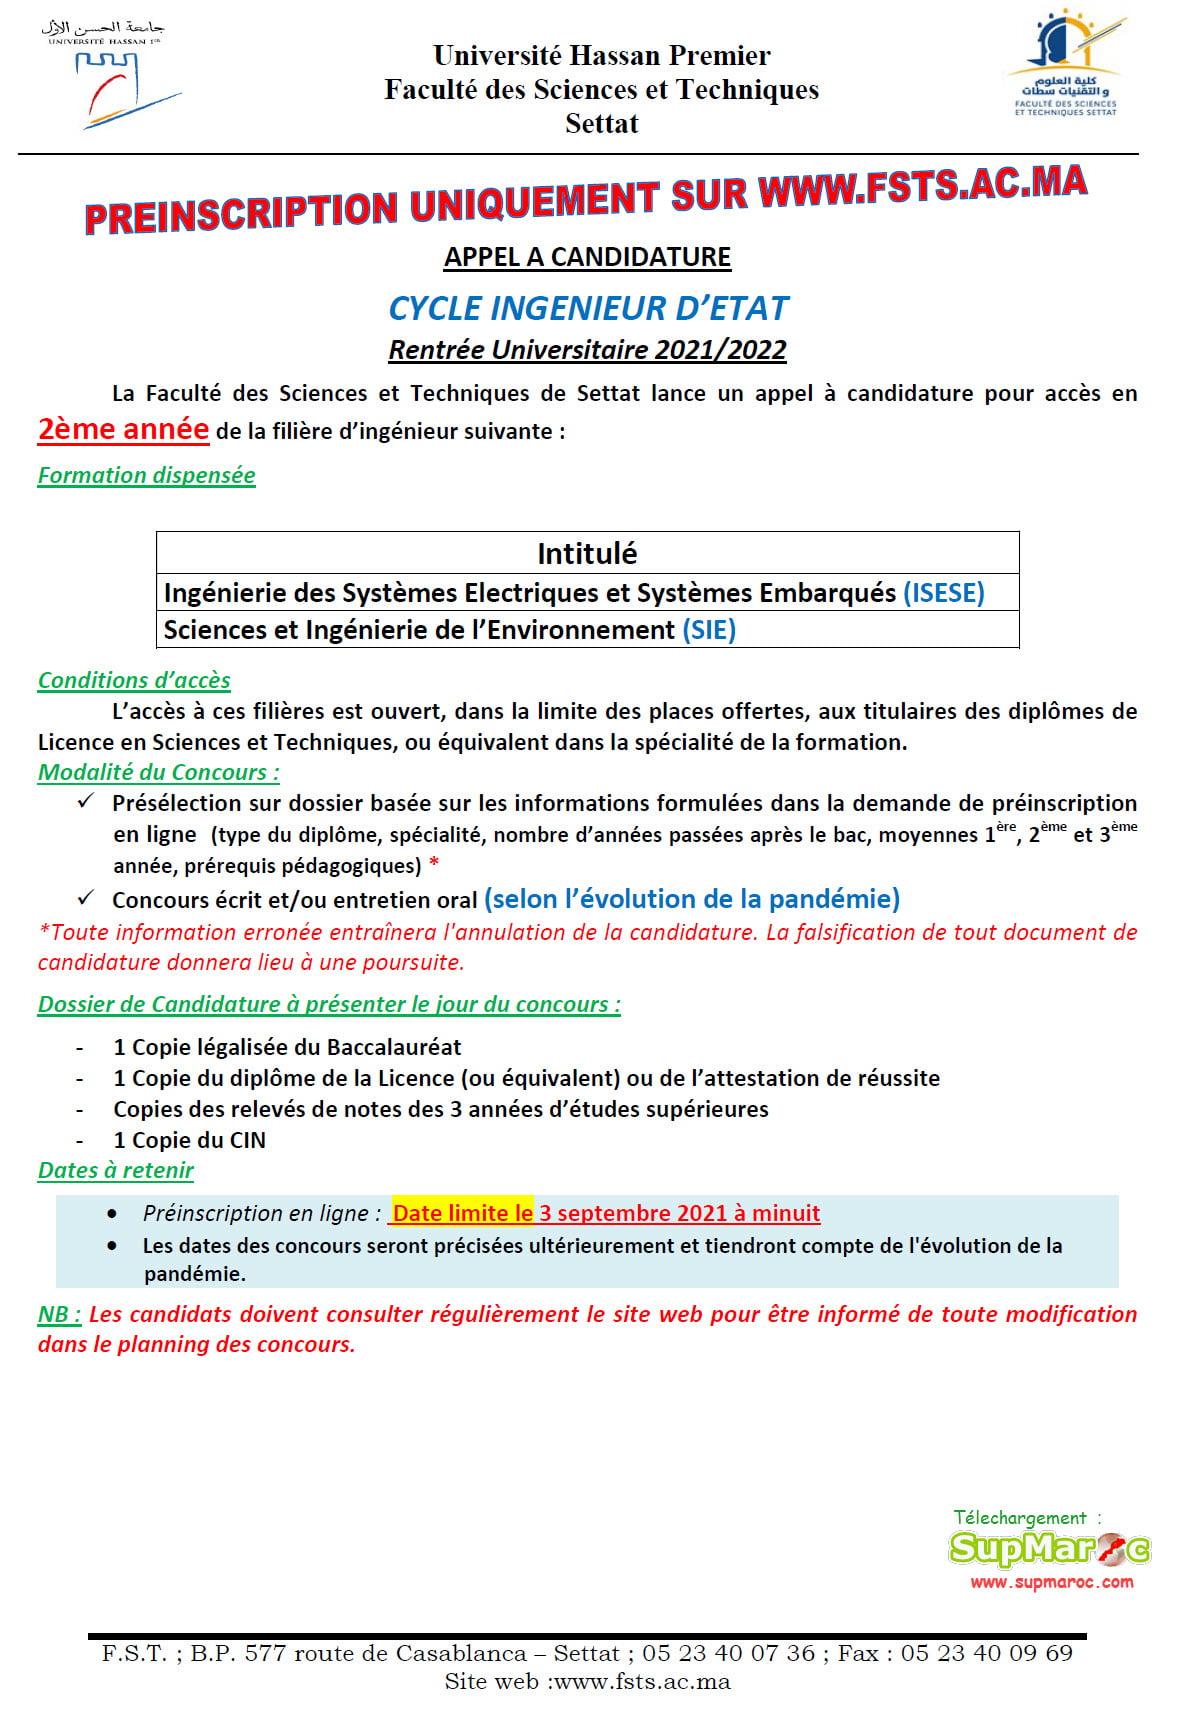 FST Settat concours 2eme annee C. ingénieur 2021 2022